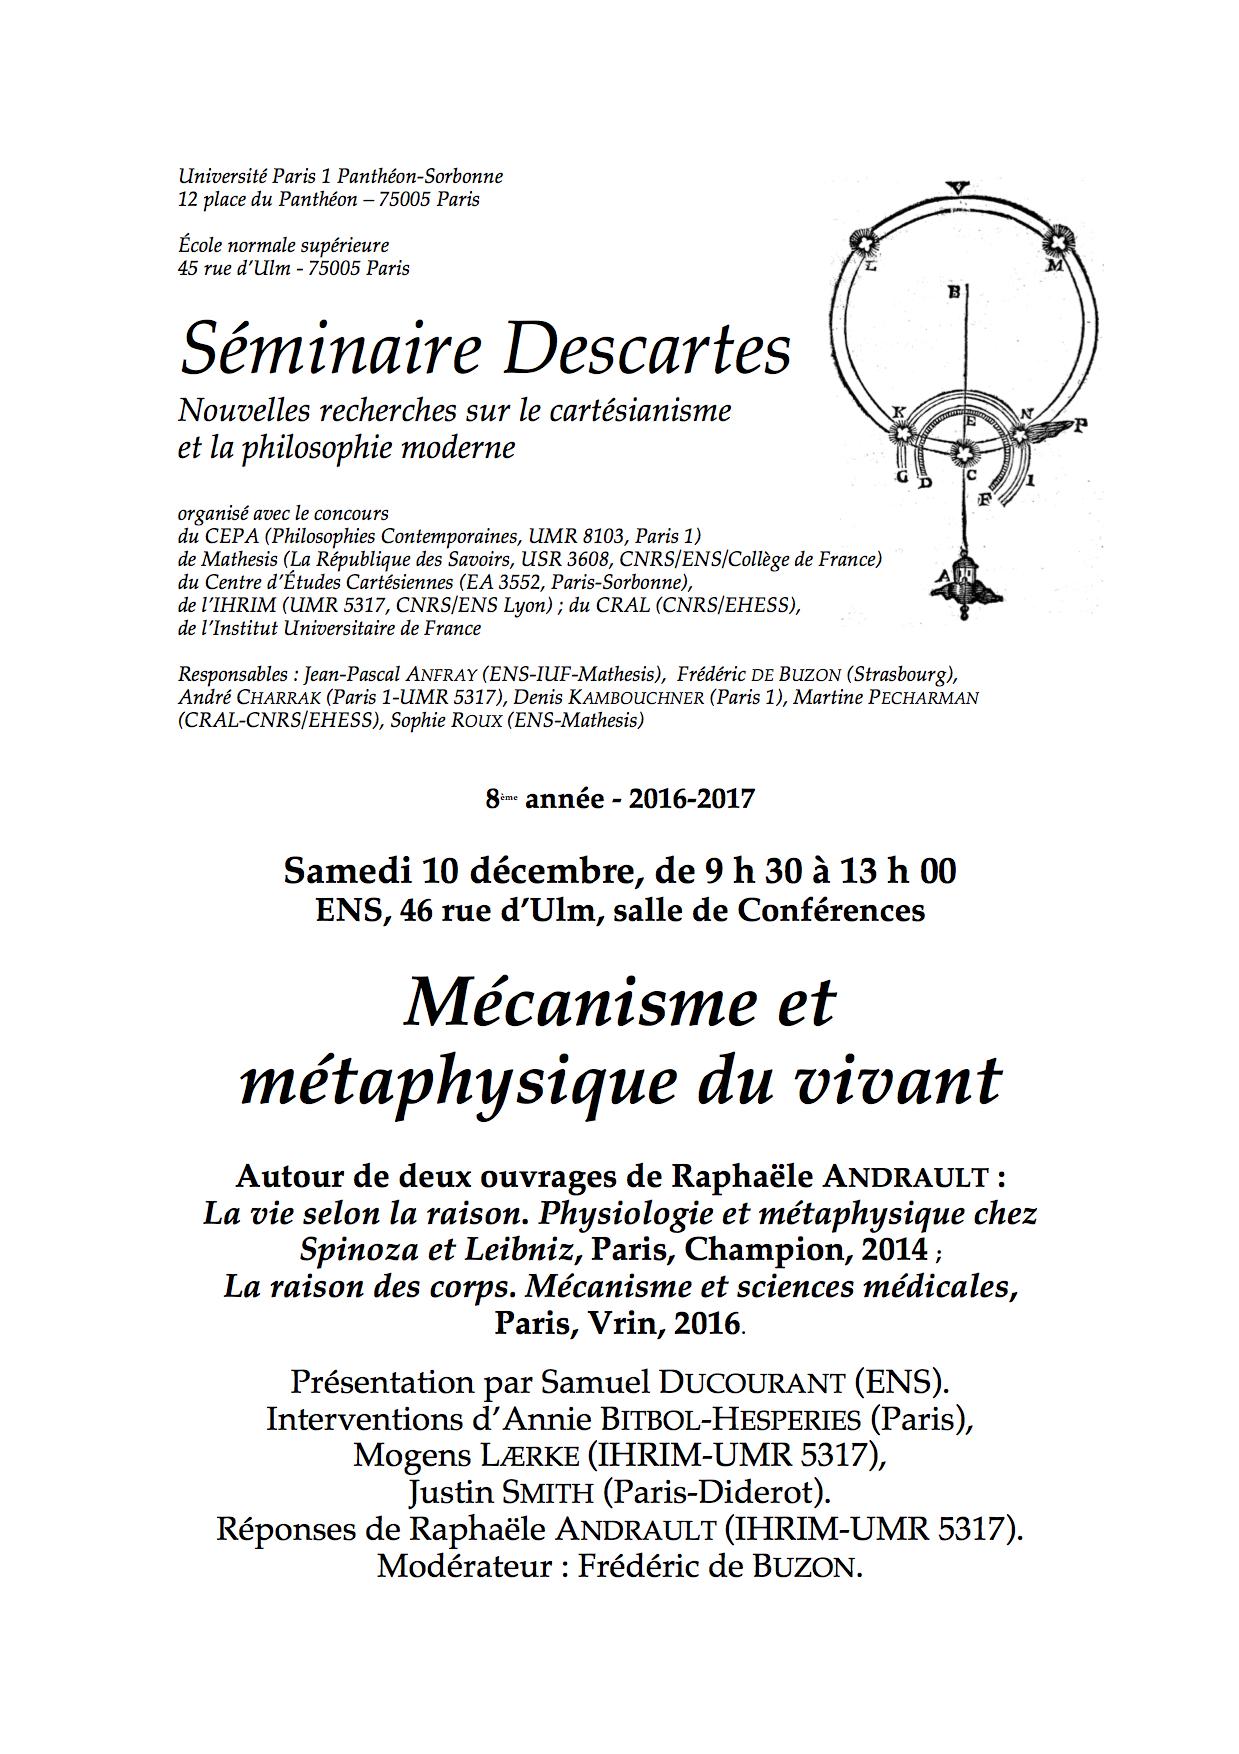 sem-descartes-10-12-16